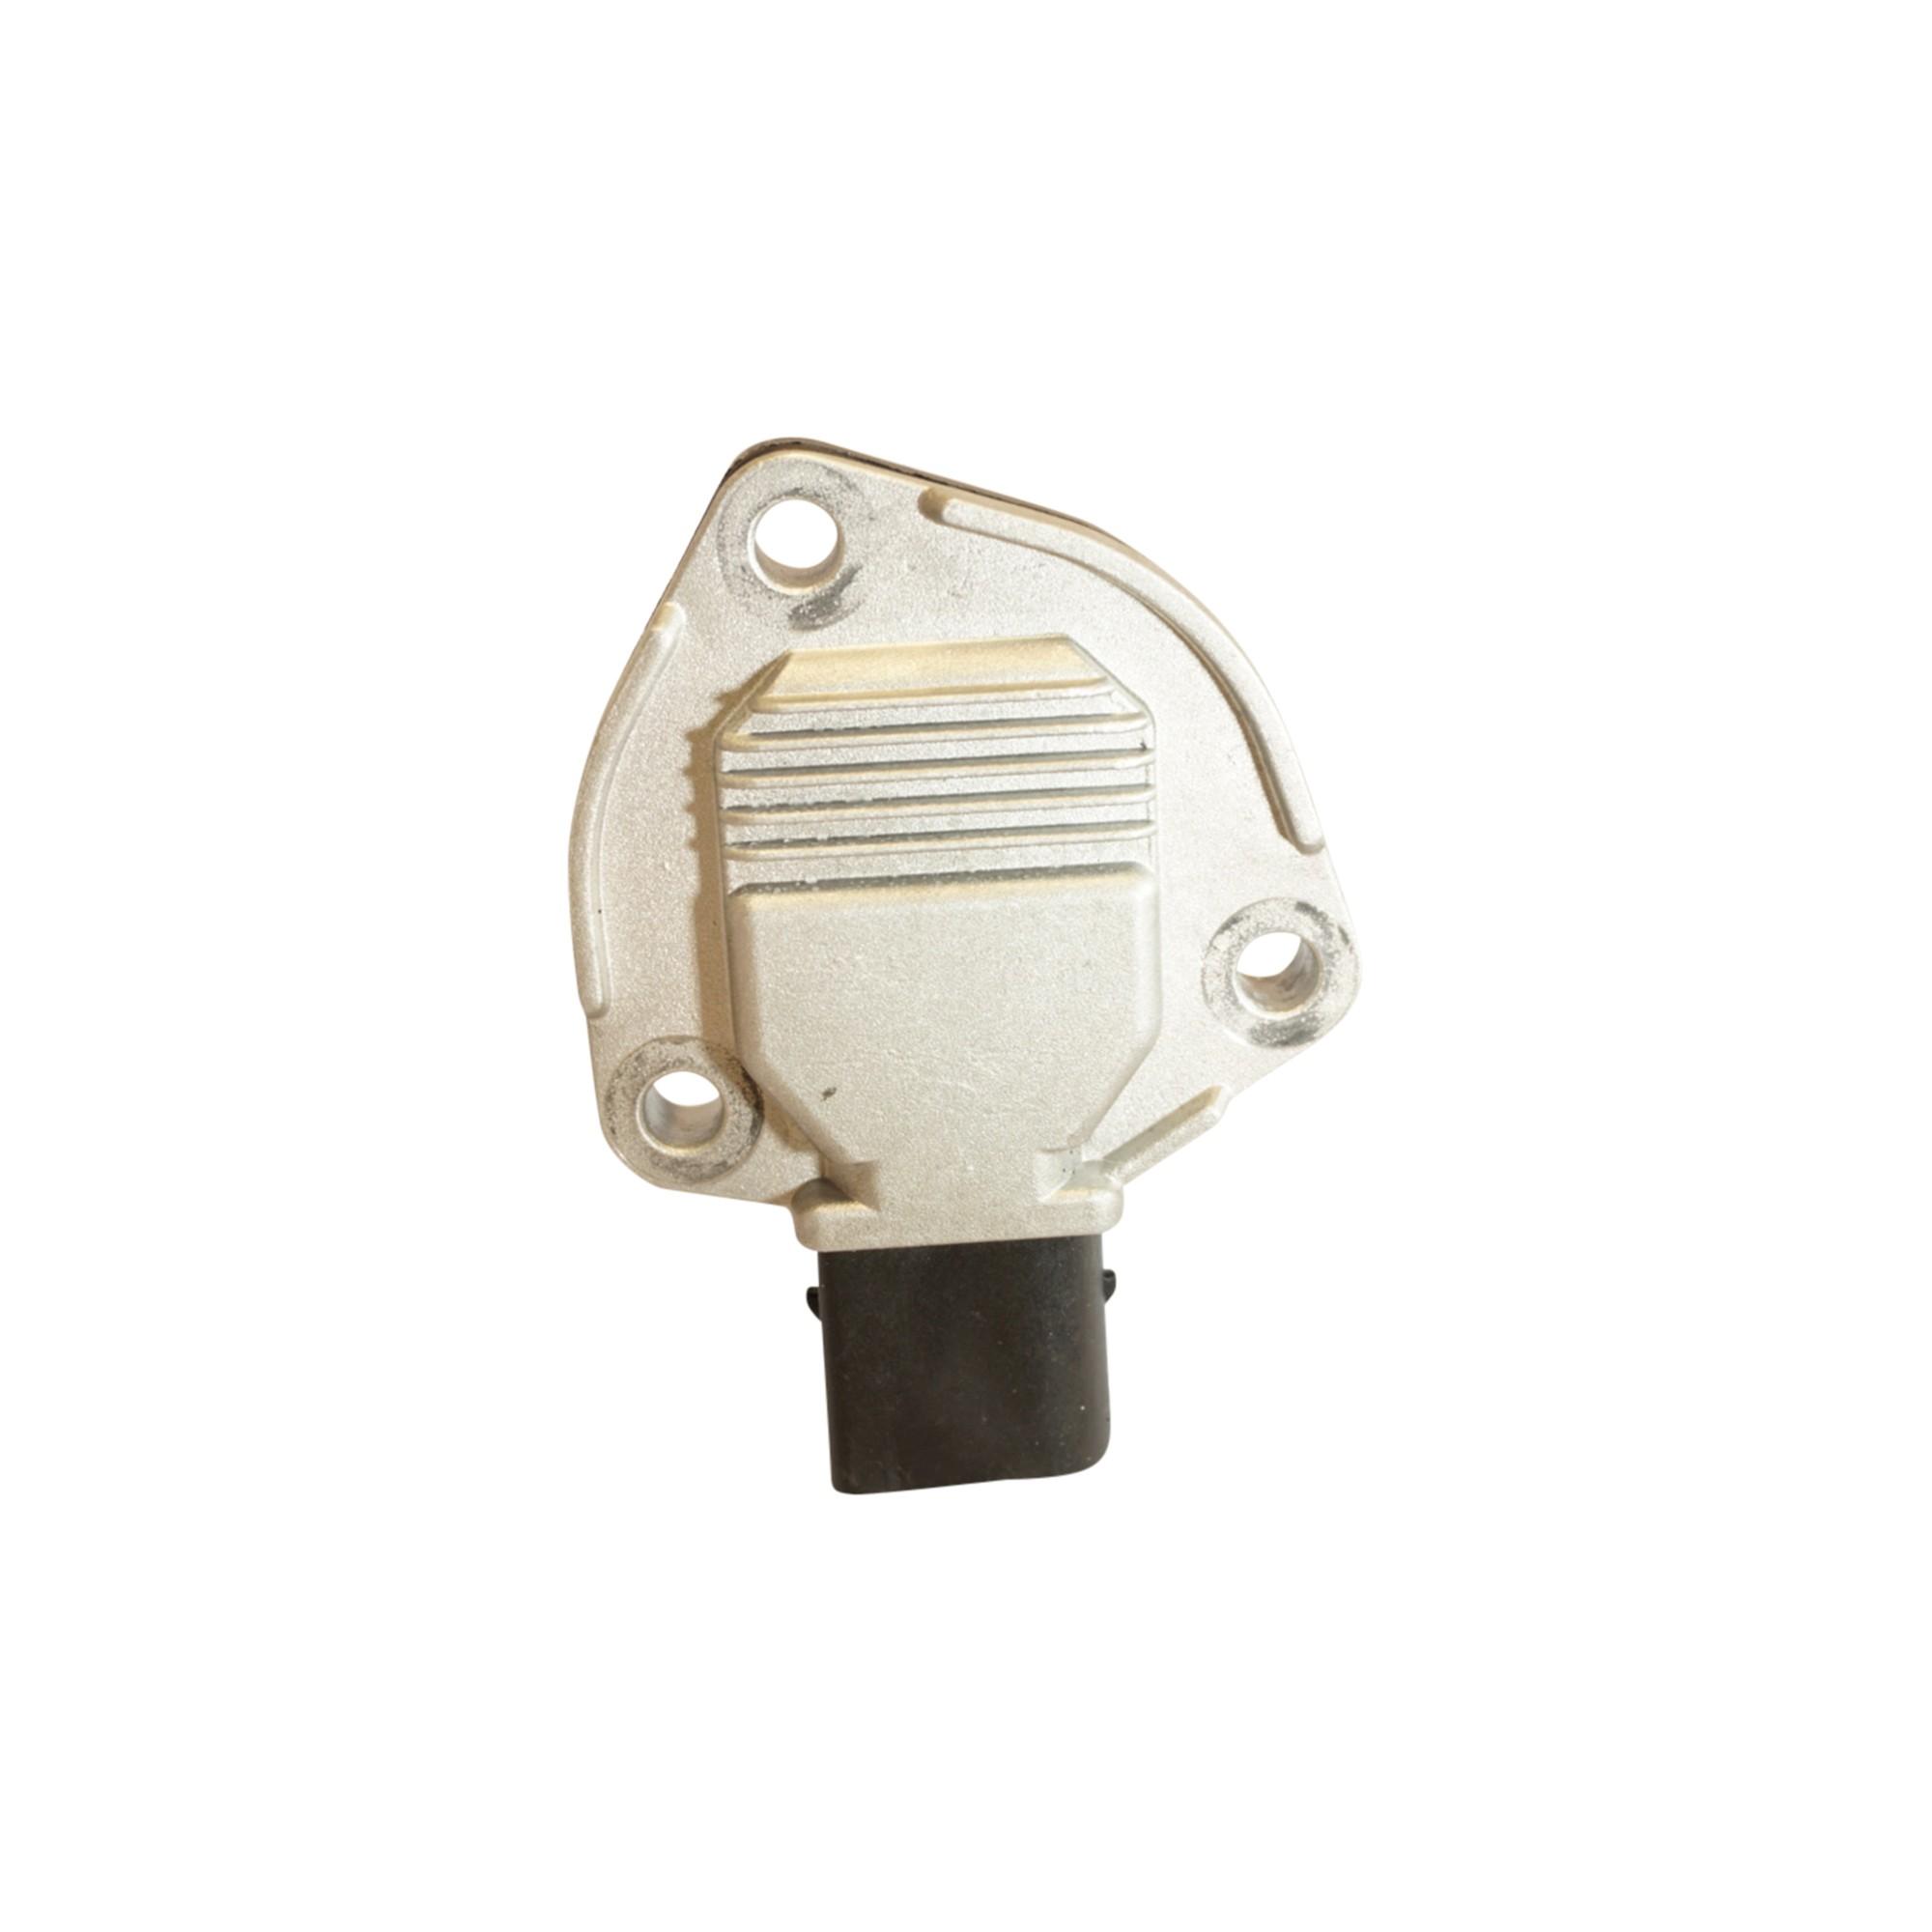 Oil Level Sensor 12617508003 BMW E81 E87 E46 E90 E39 E60 Land Rover